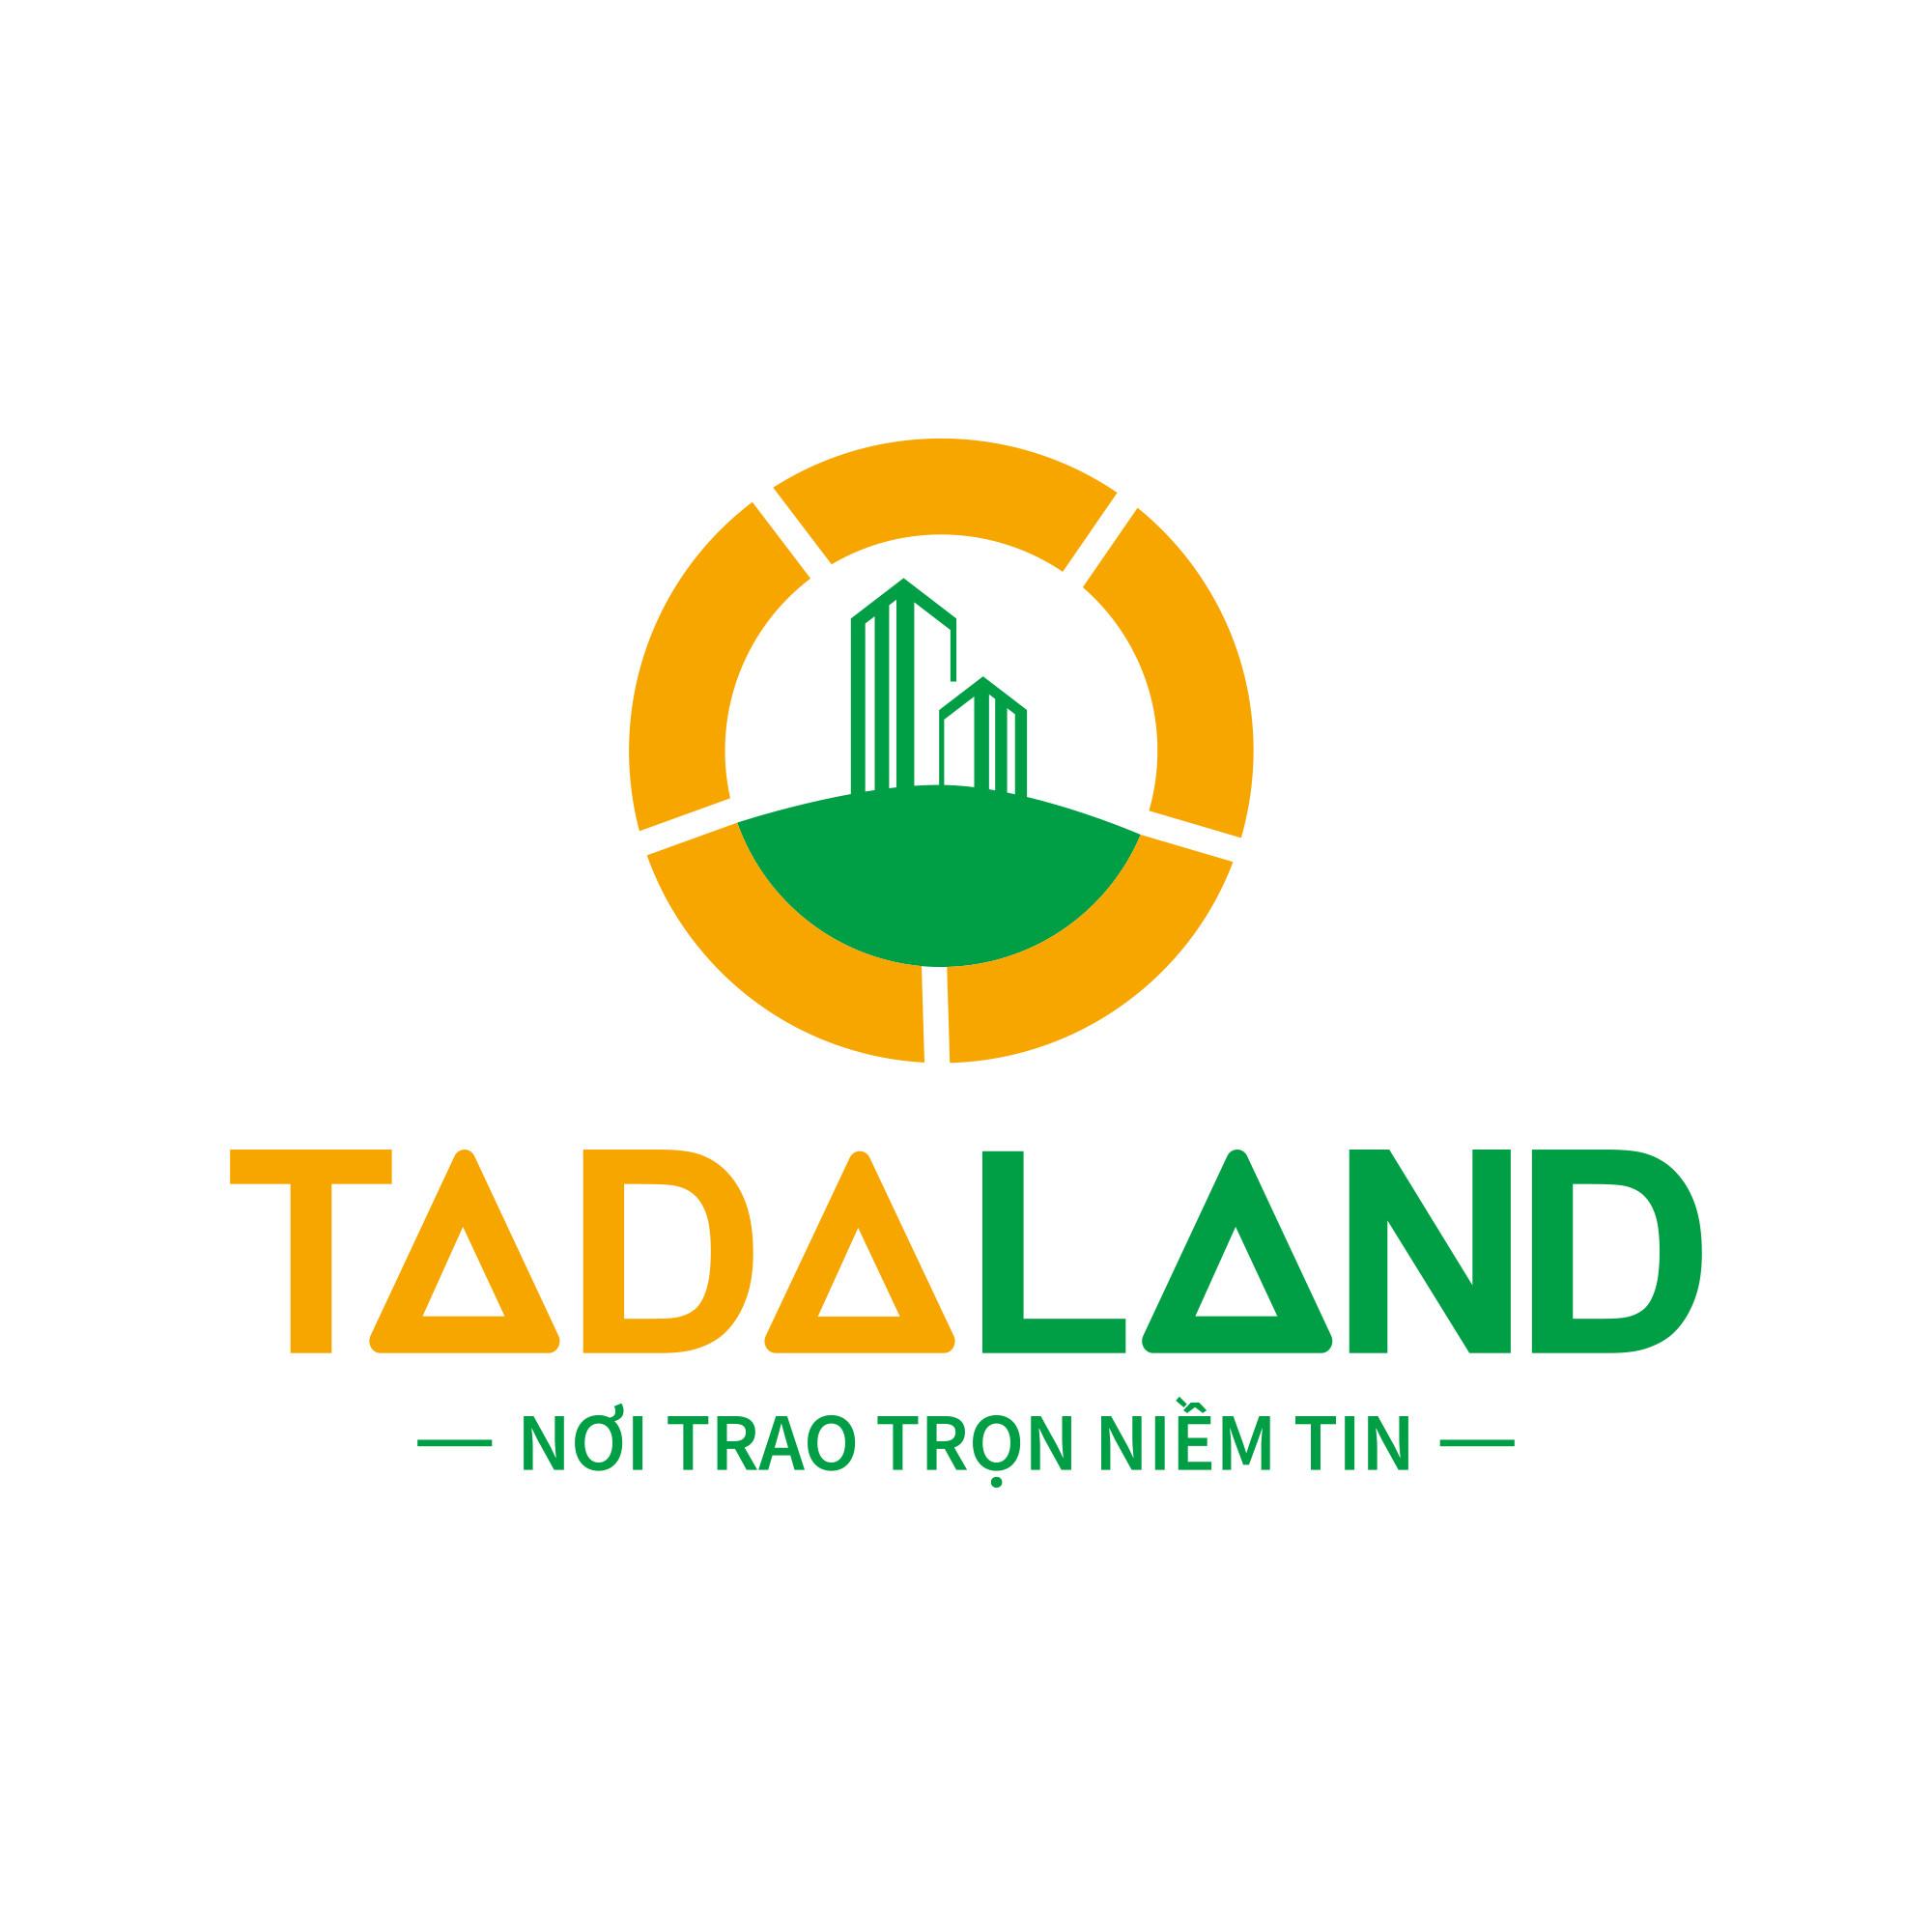 Công ty TNHH Quản Lý và Giải Pháp TADALAND